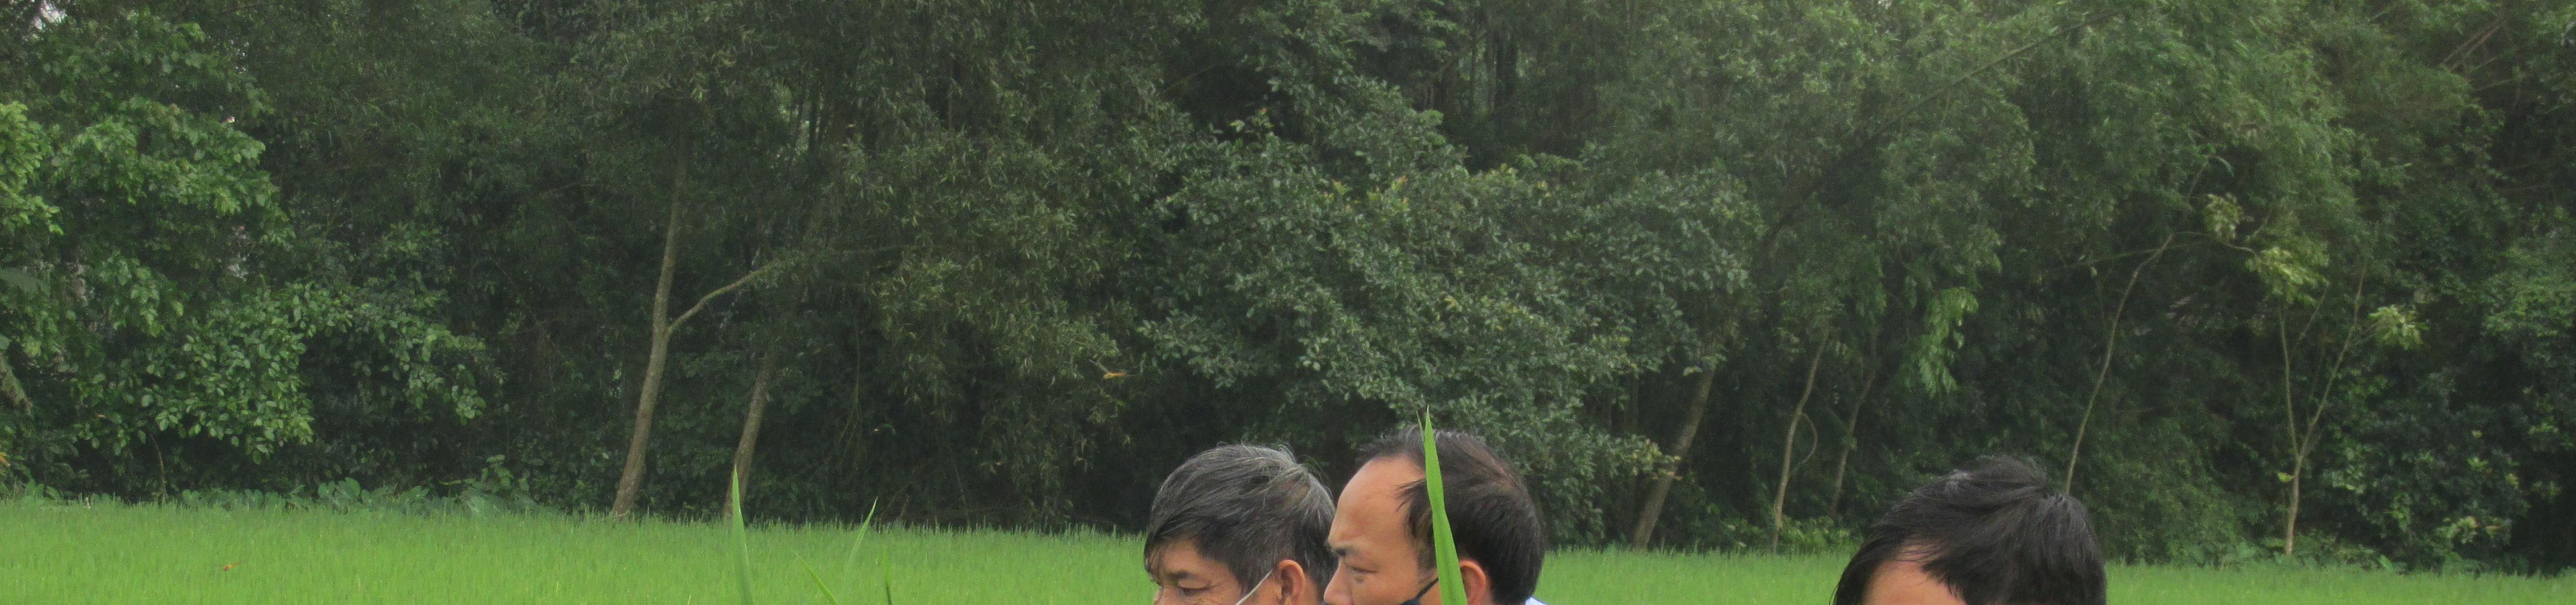 Đảm bảo sản xuất nông nghiệp ổn định trong mùa dịch covid - 19